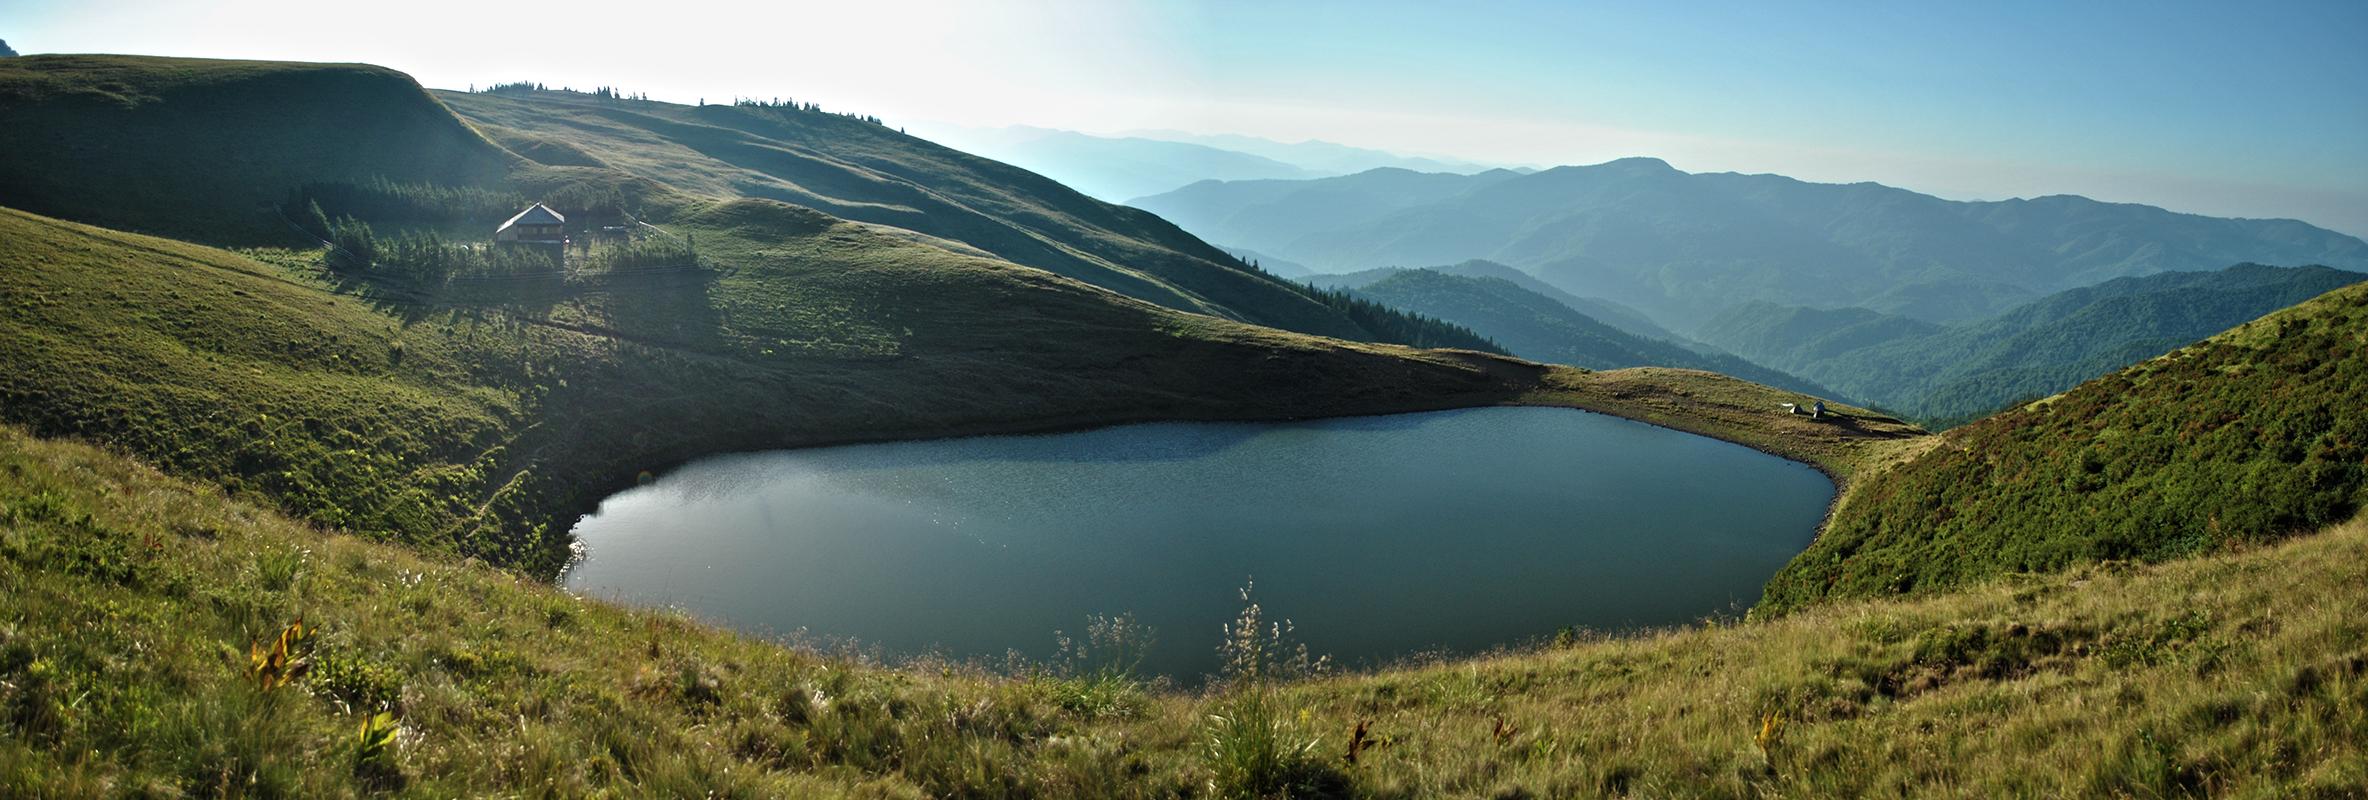 Lacul Vulturilor, Siriu, Buzau